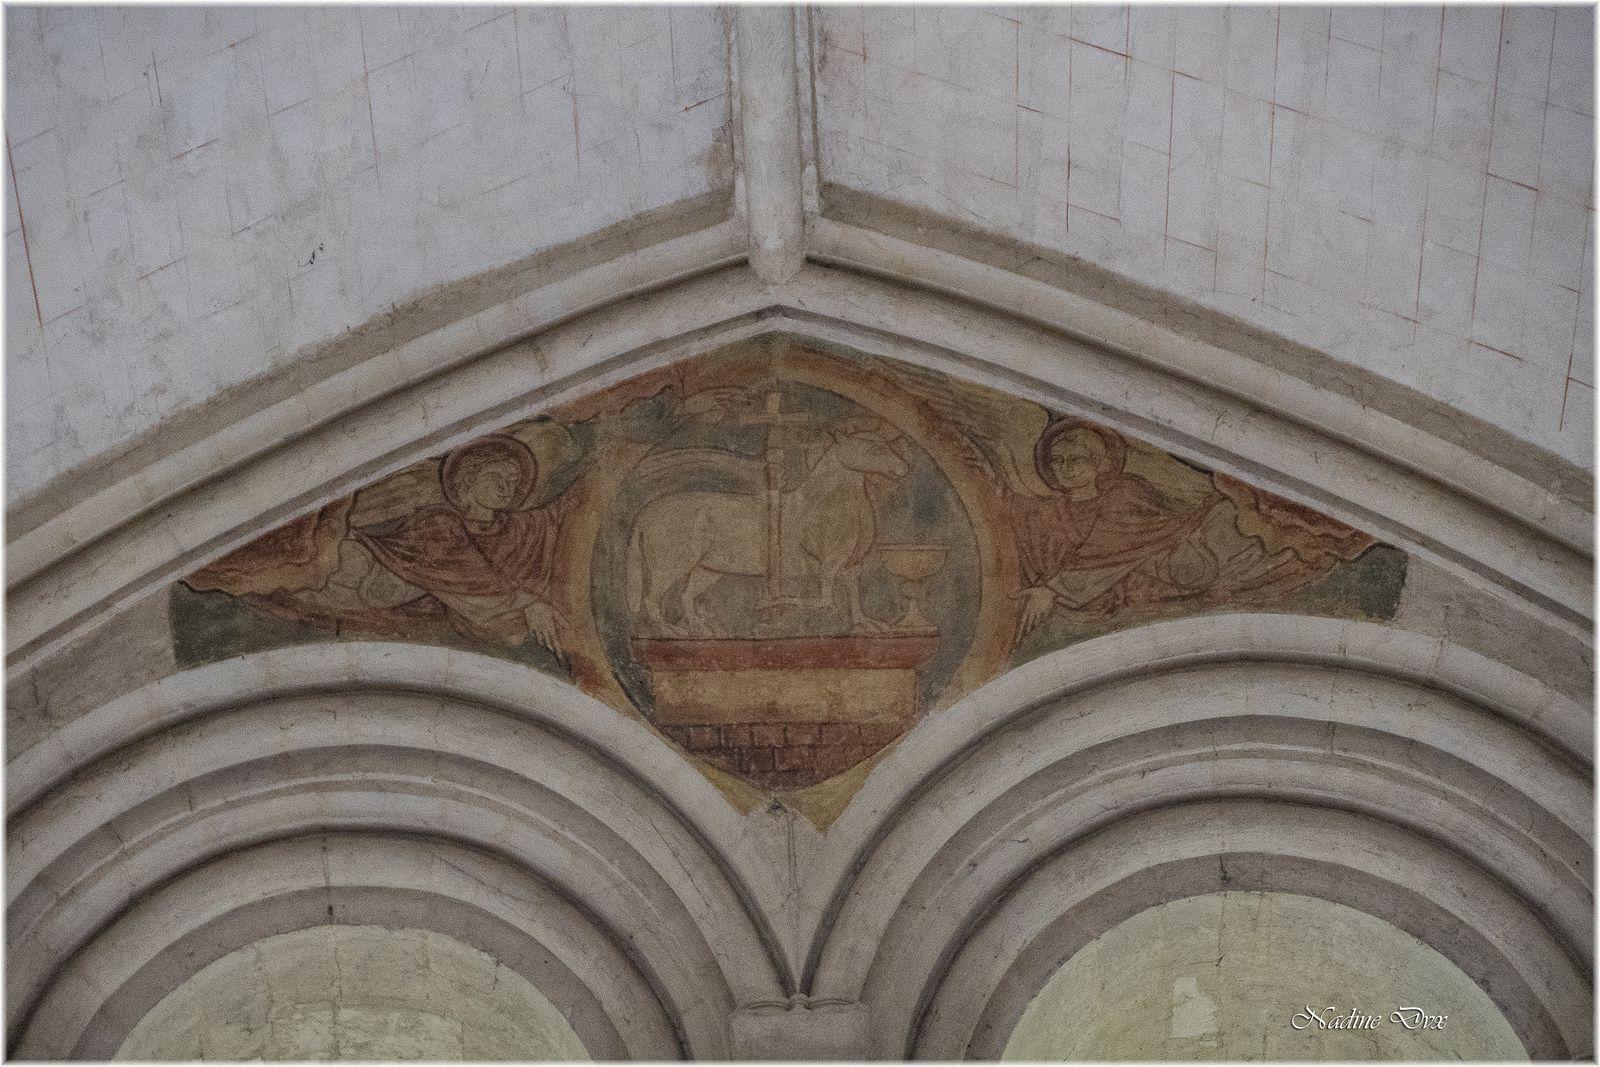 Chapiteaux et peintures murales de l'église Sainte Jeanne d'Arc ou l'hôtel-Dieu de Coëffort - Le Mans